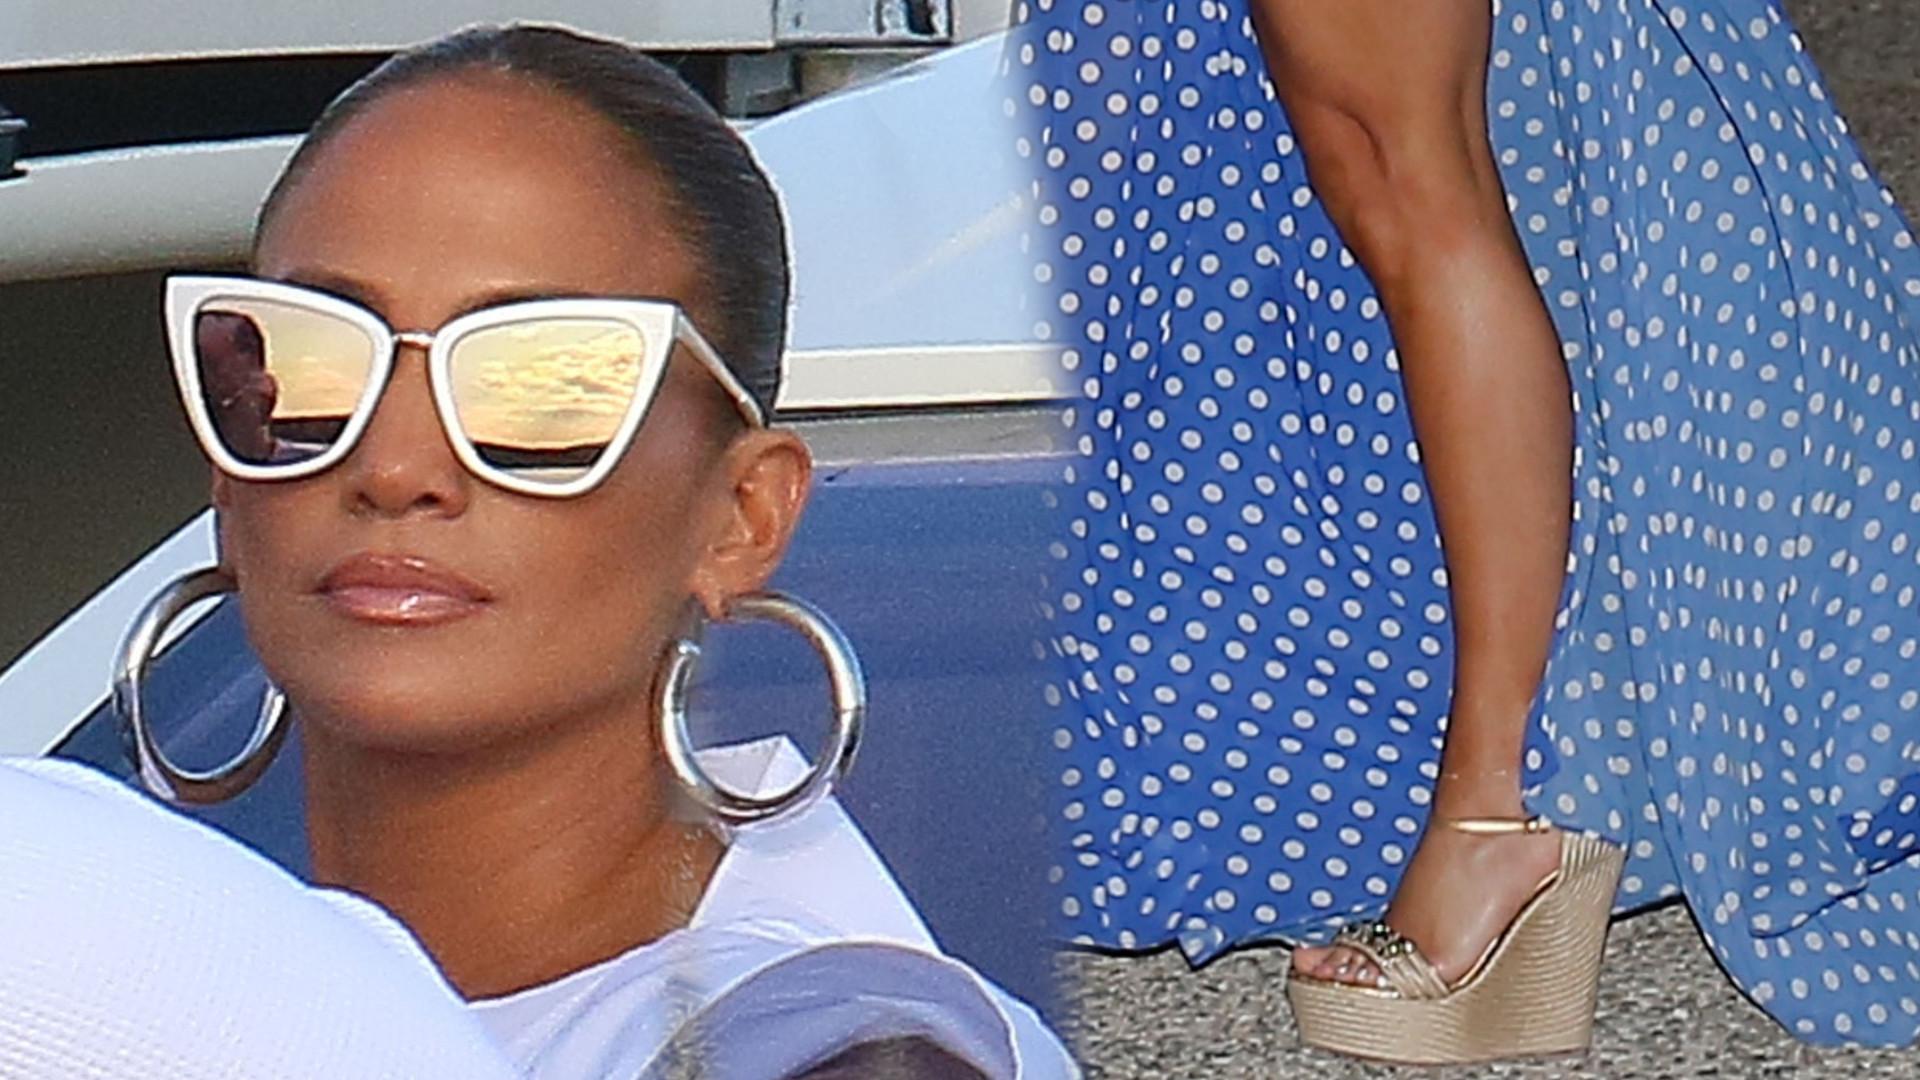 Jennifer Lopez na wakacjach pokazała za dużo. Ale za takie ciało się wybacza